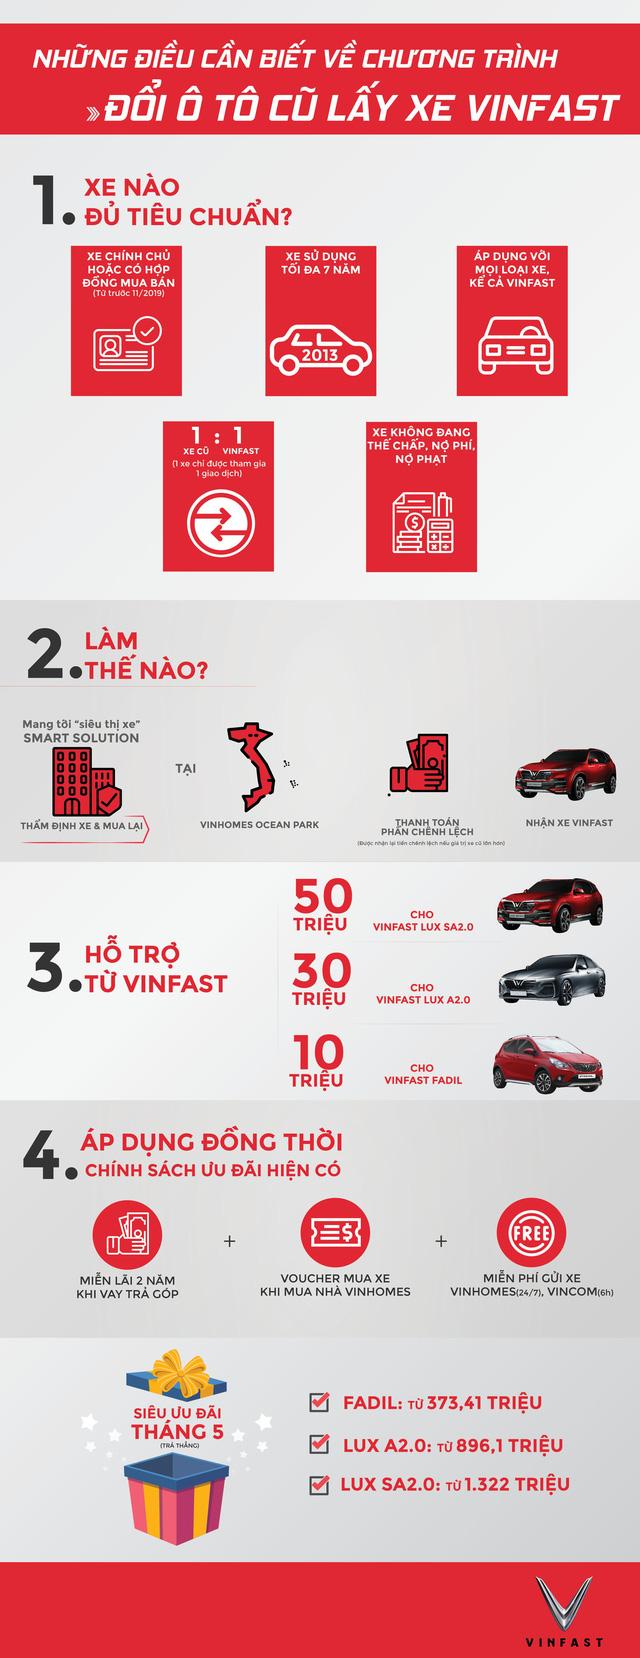 Đổi ô tô cũ lấy xe VinFast: Những điều không       thể không biết! - Ảnh 1.